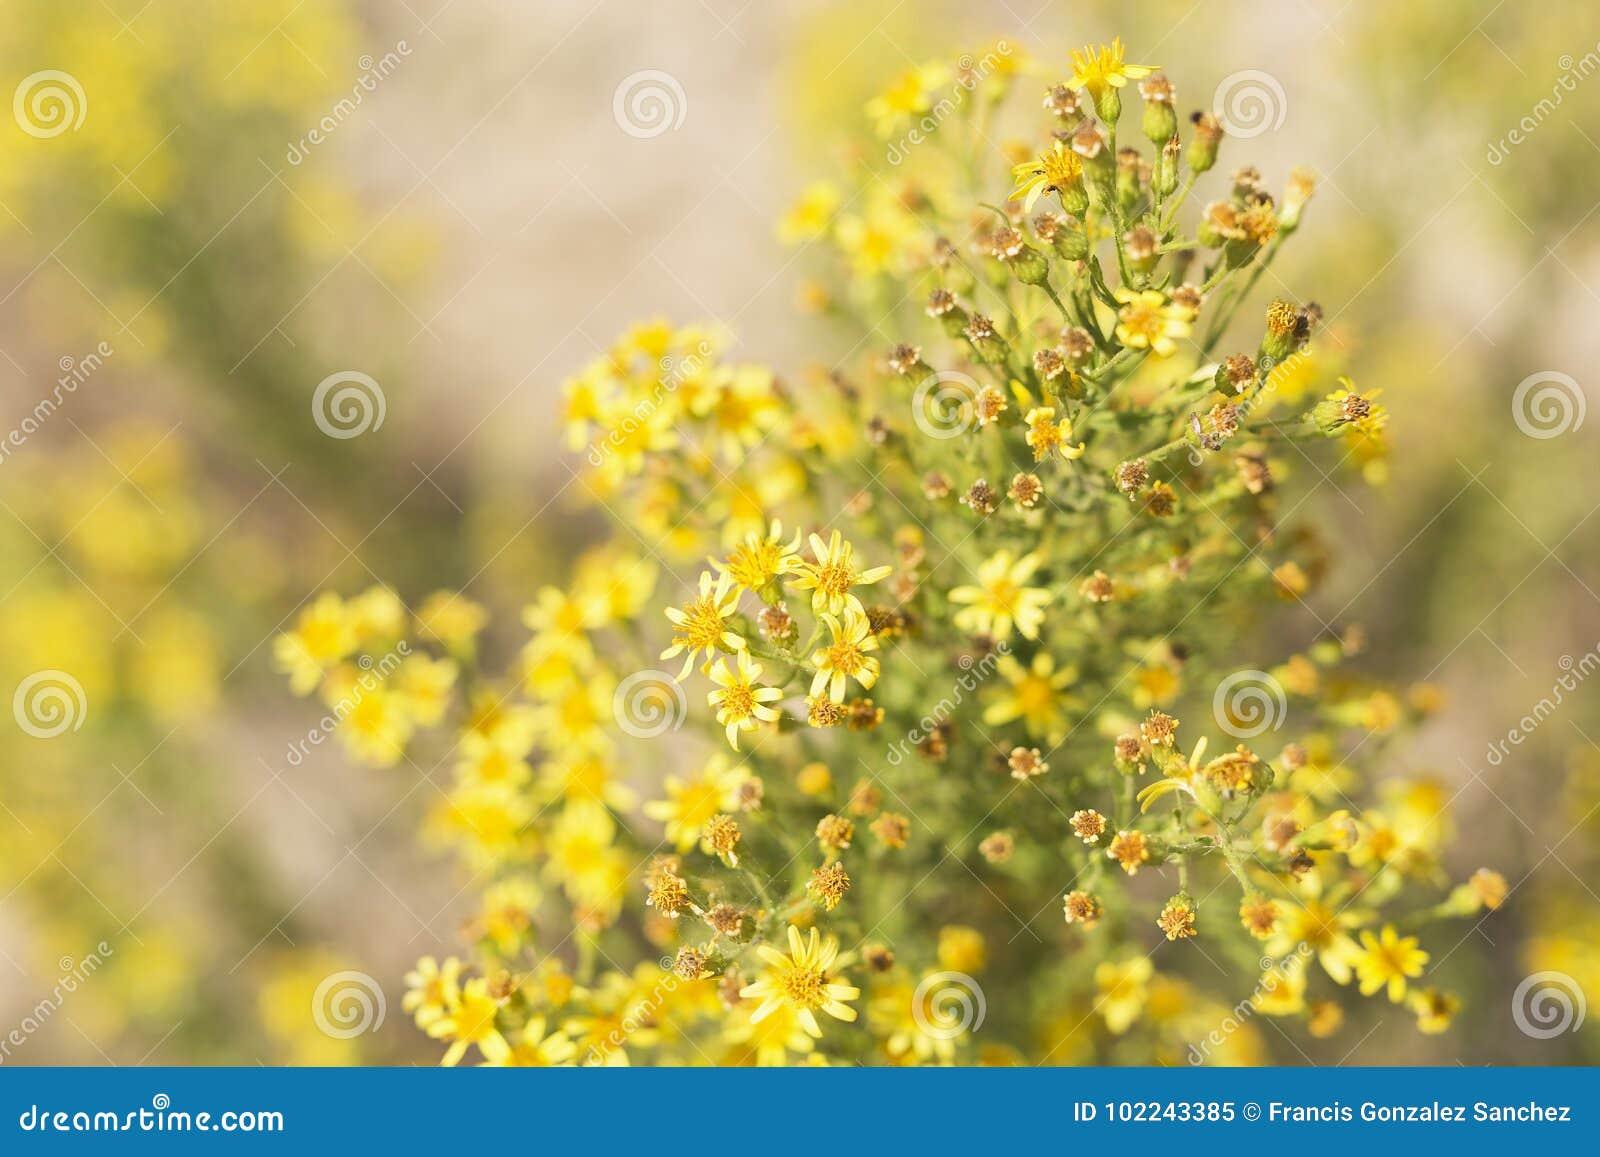 Planta Silvestre Con Las Flores Amarillas Imagen De Archivo Imagen